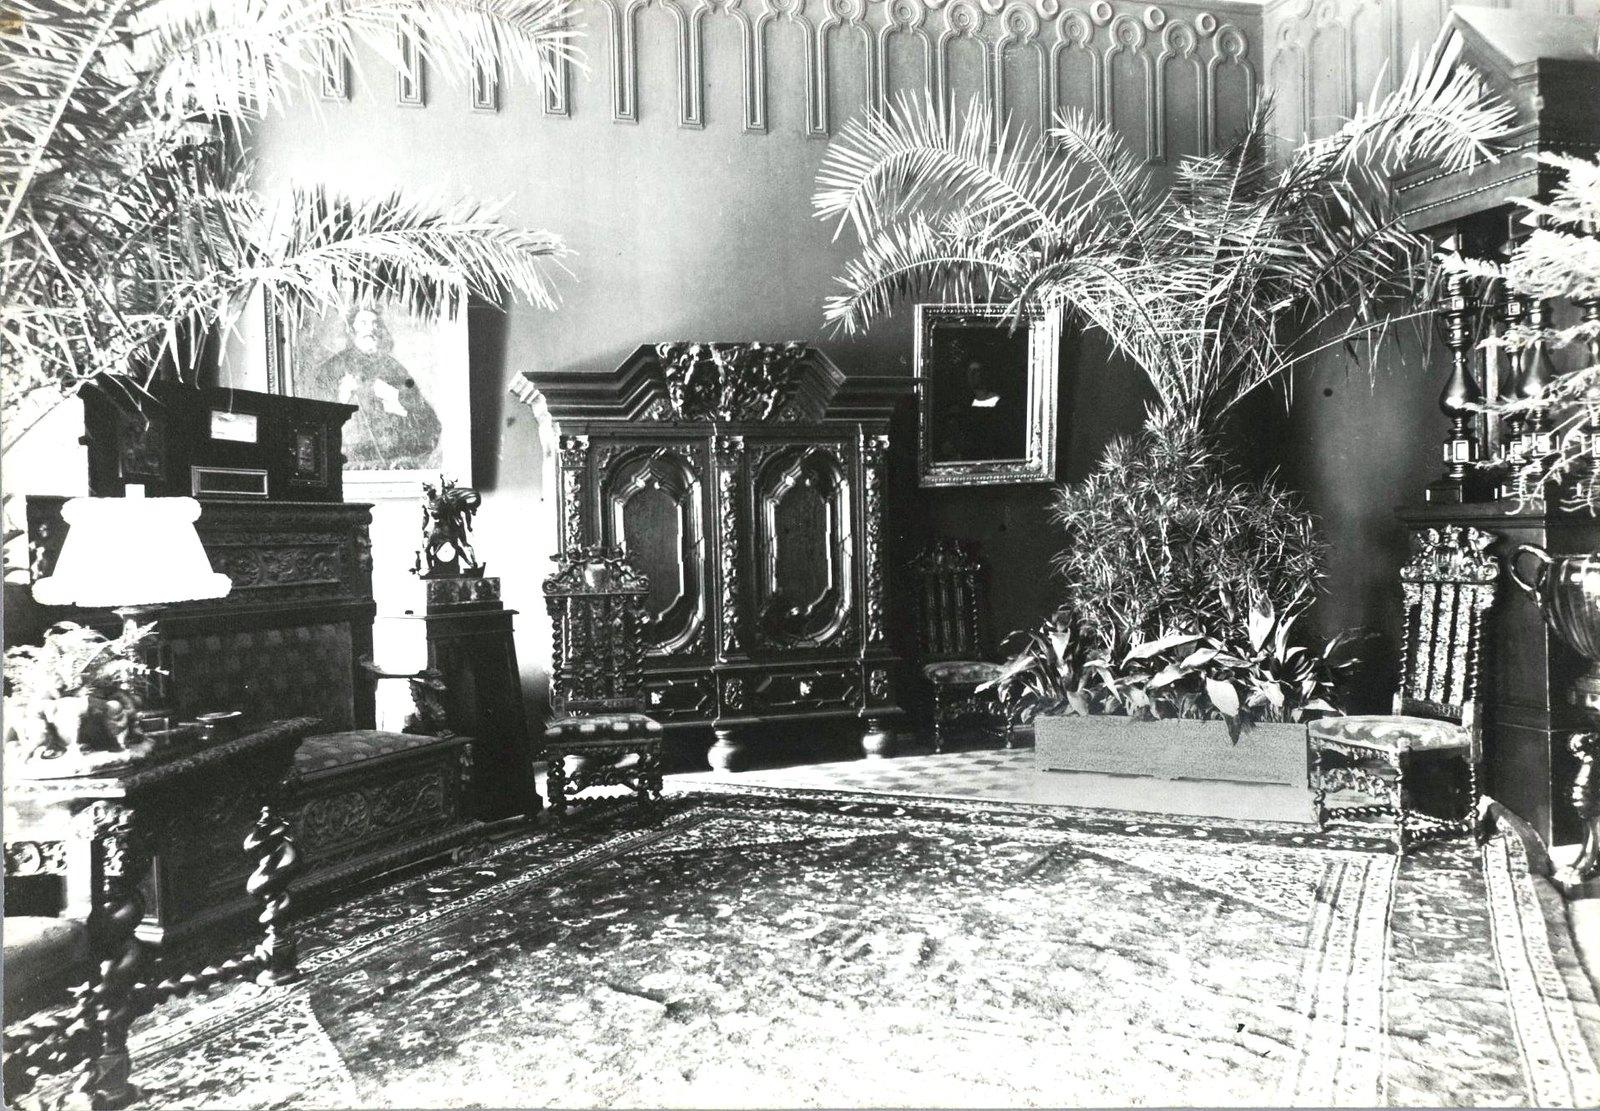 09. Вид комнаты с неоренессансной мебелью